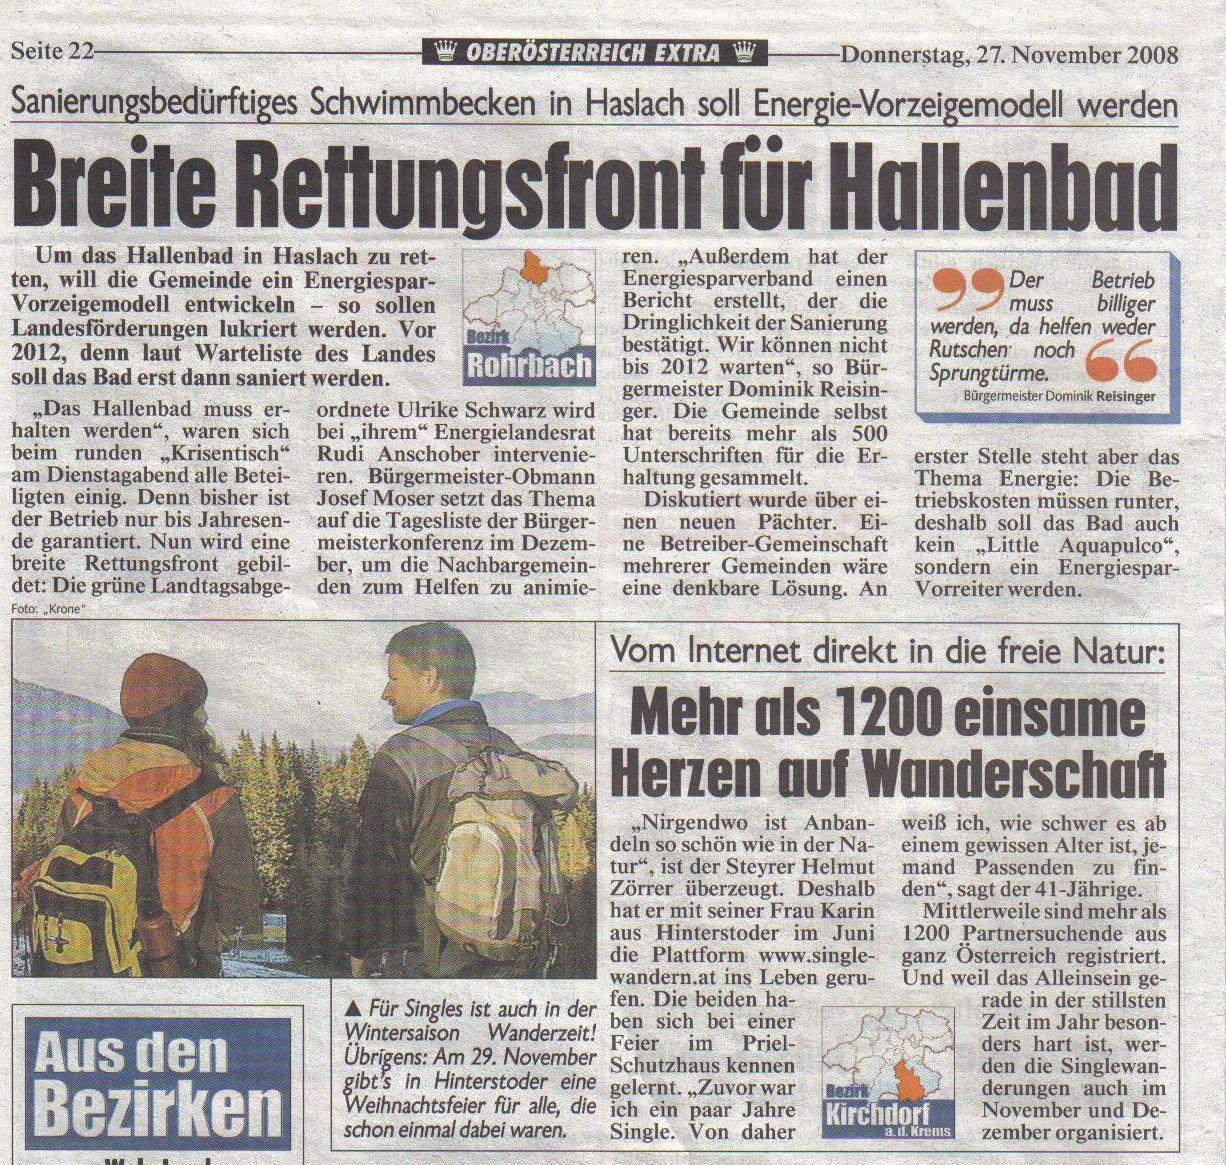 26. Oktober: Singlewanderung auf die Hoisnradalm